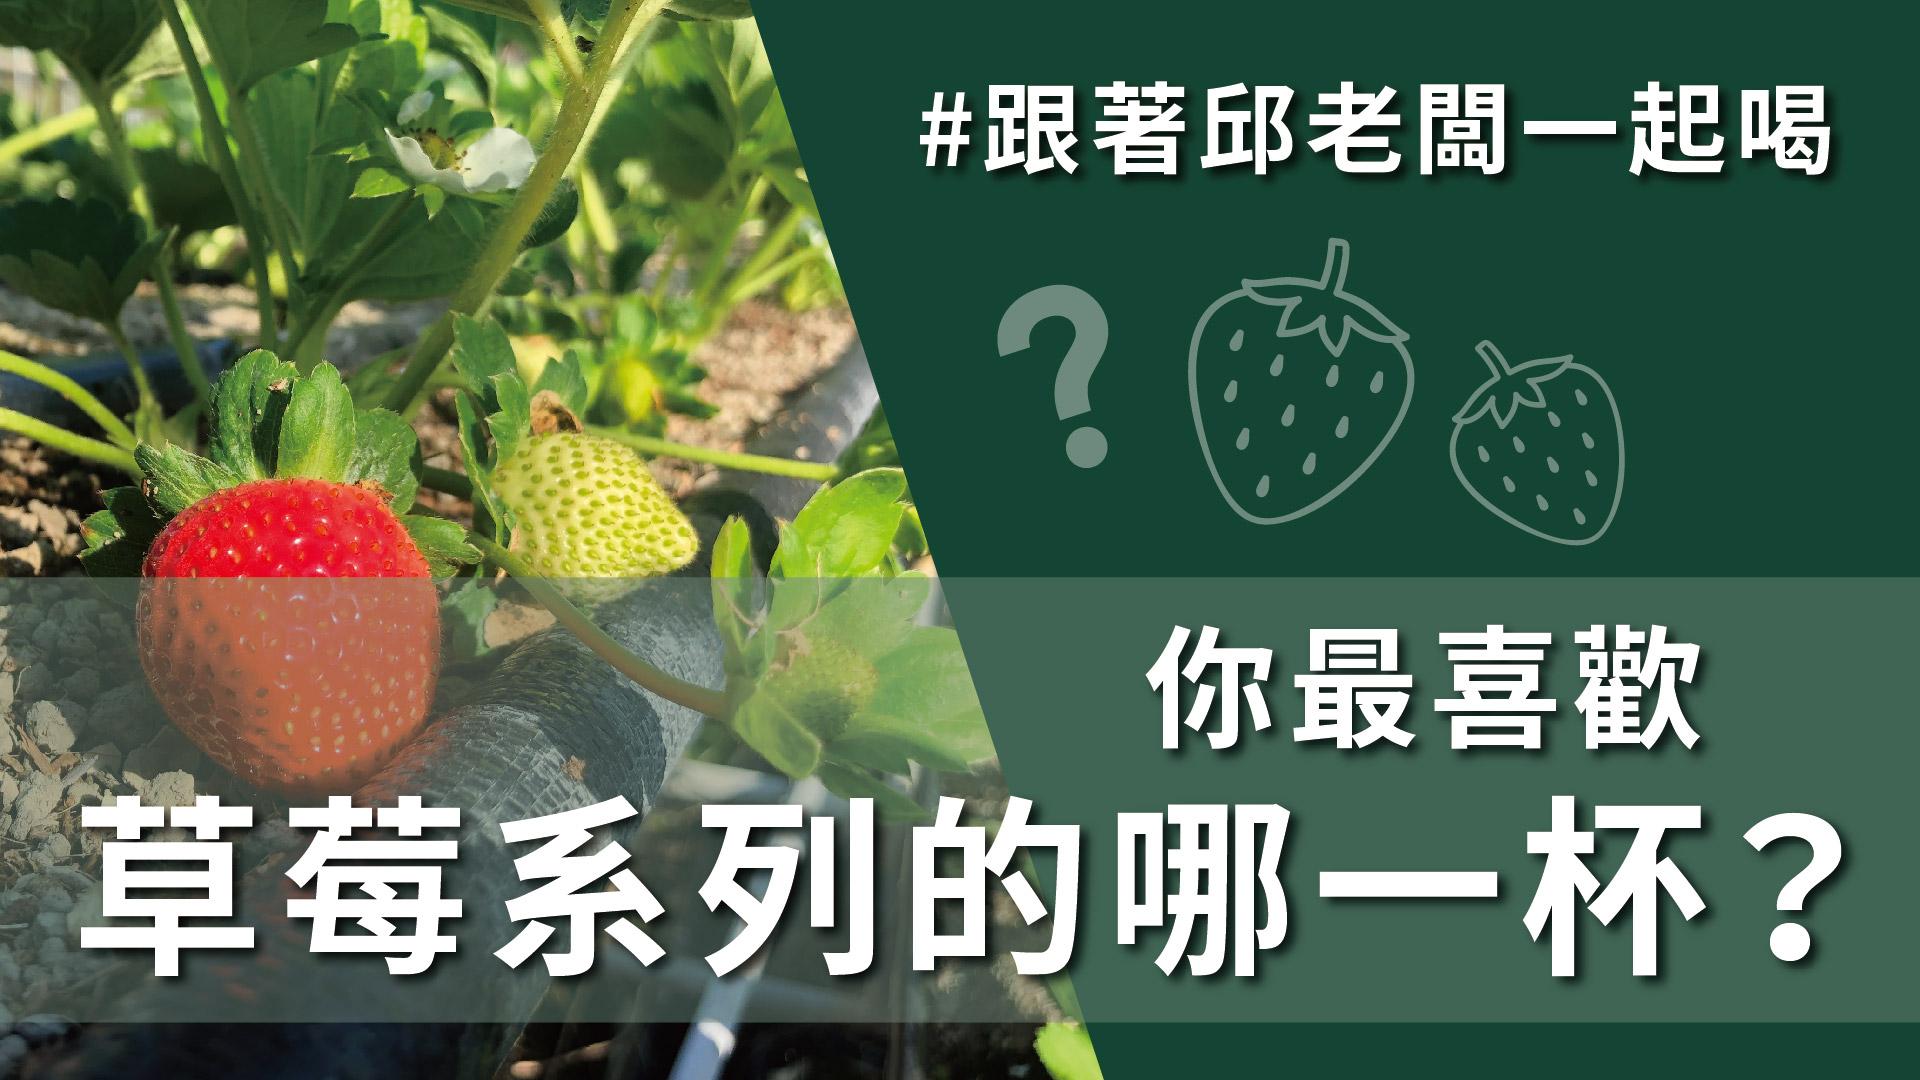 草莓控失心瘋,來自苗栗大湖新鮮草莓,最清爽順口的莓好花漾!#1月26日 #DAY135